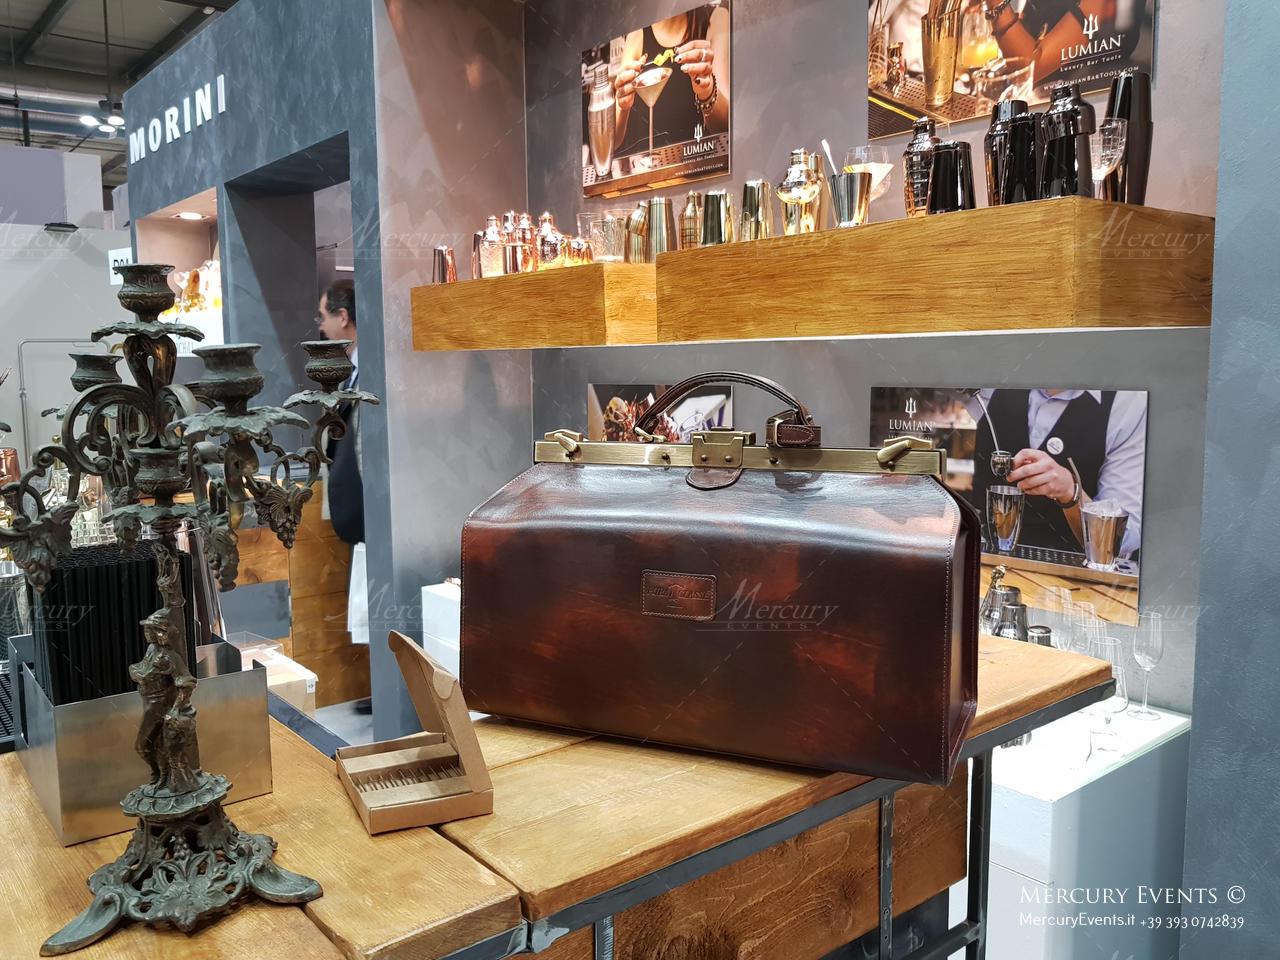 Fiera Host - Milano - Lumian: Attrezzature barman